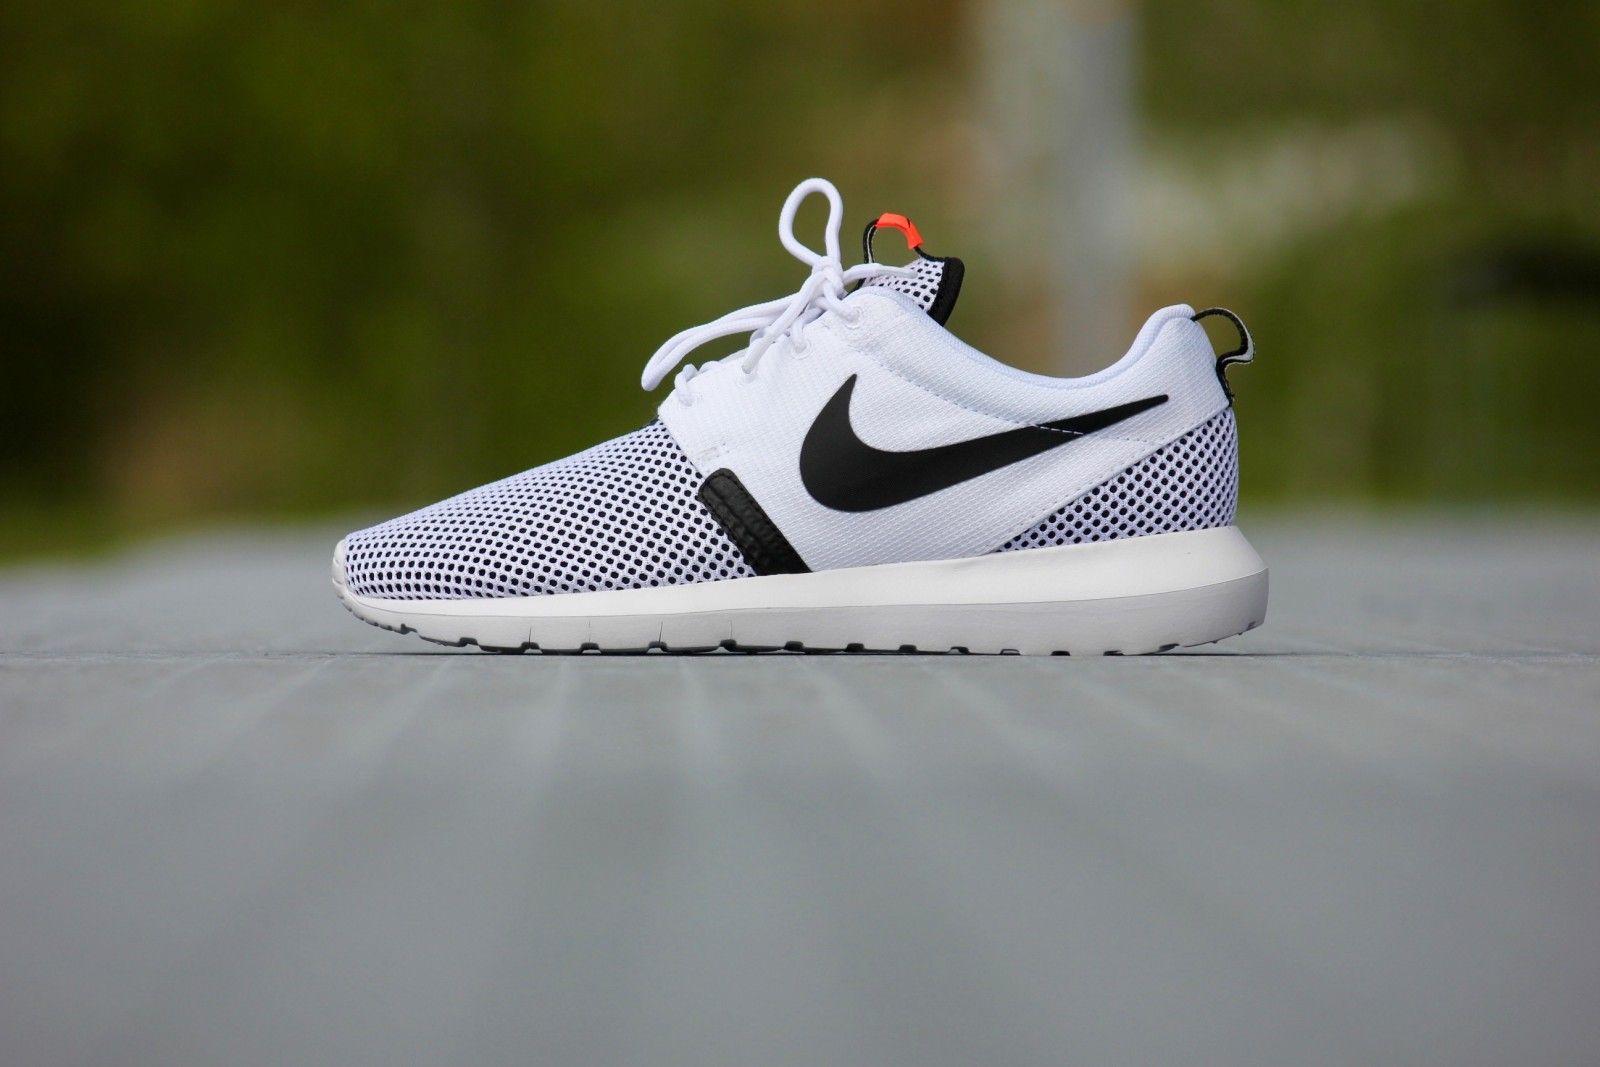 4c3e5c0fa996 Nike Roshe NM BR White  White Black-Hot Lava - 644425-100